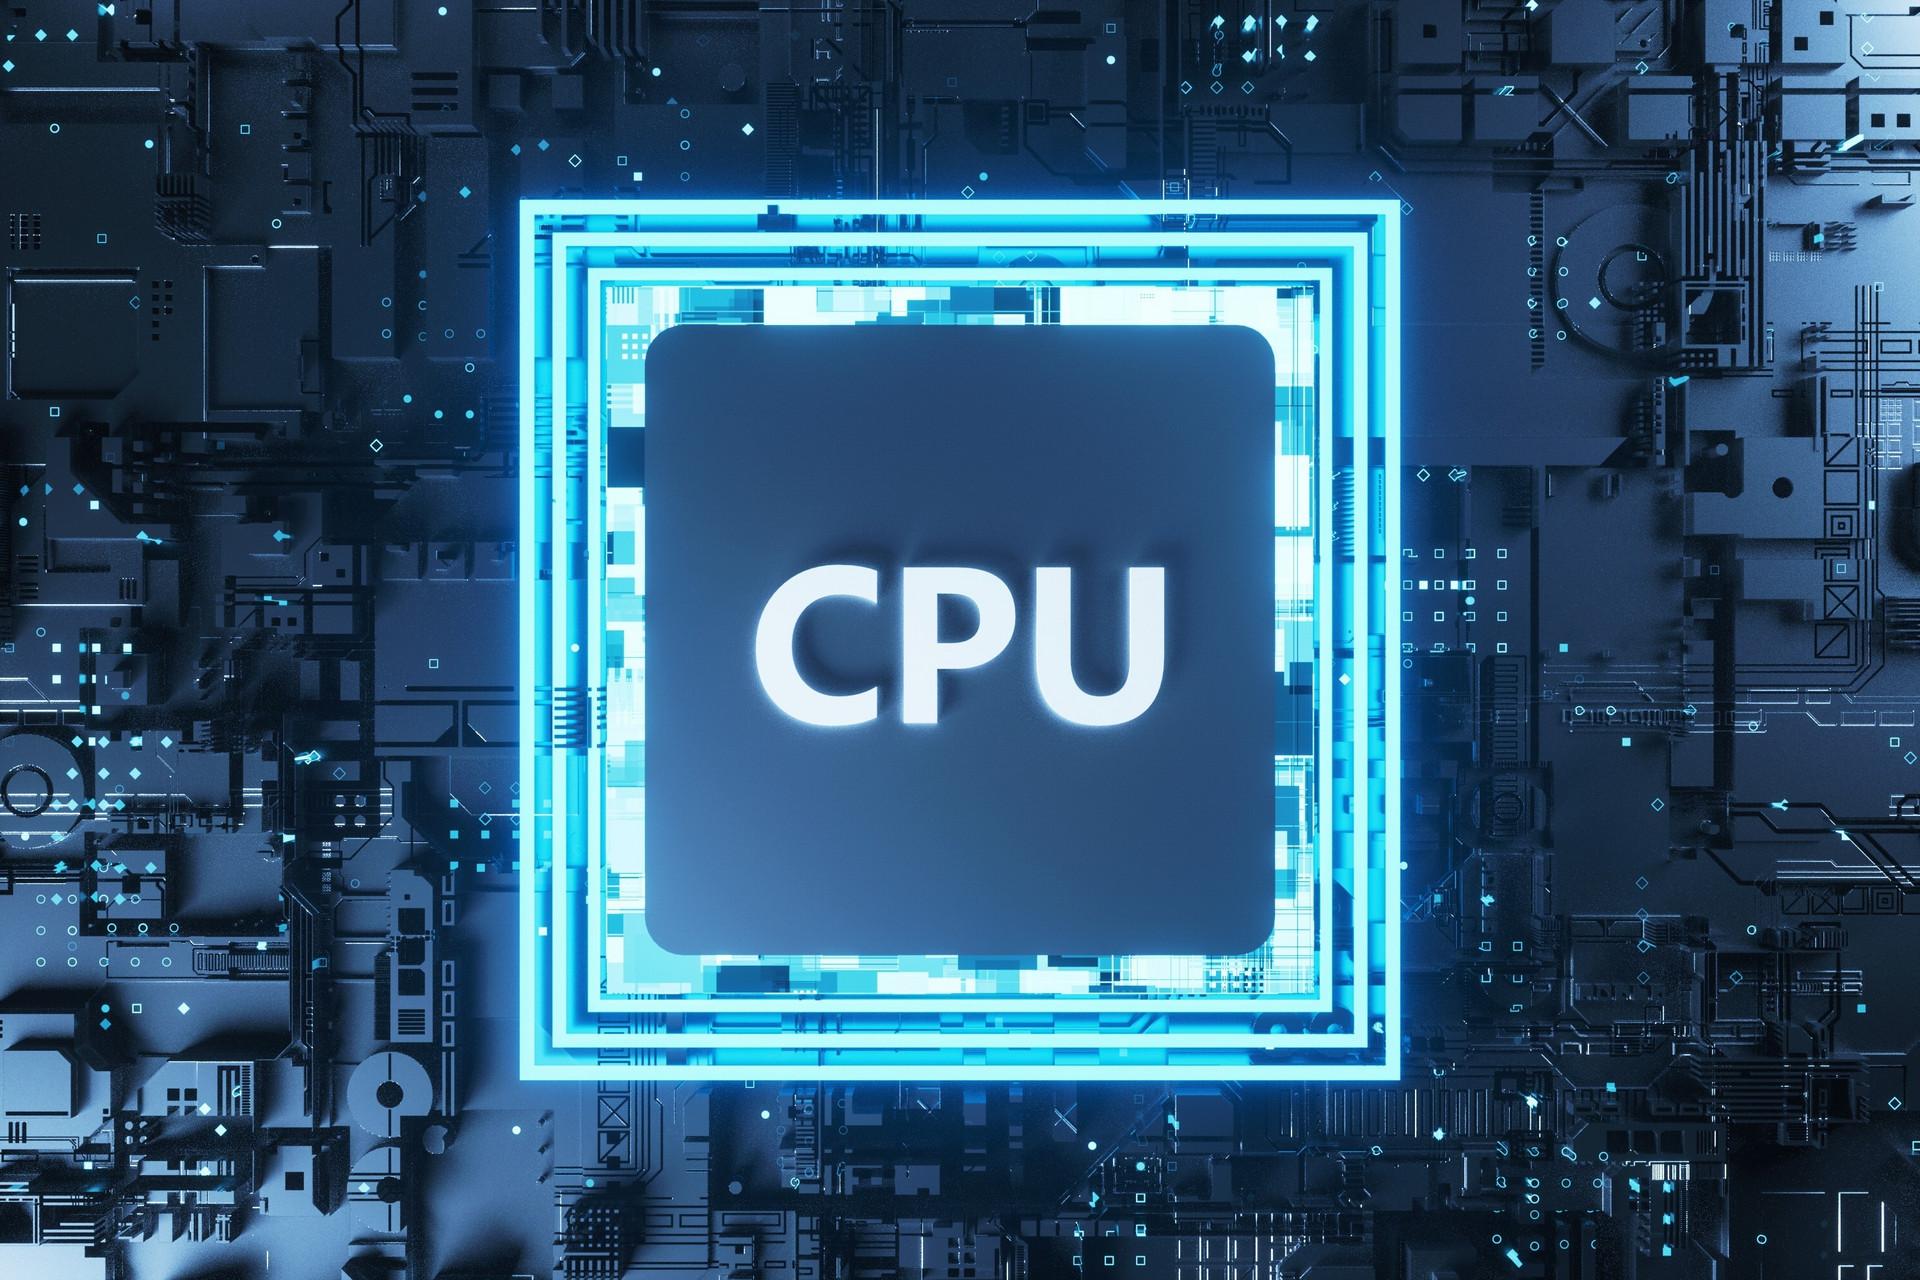 ARM 下一代 CPU 指令构架推出,安全性增强了多少?